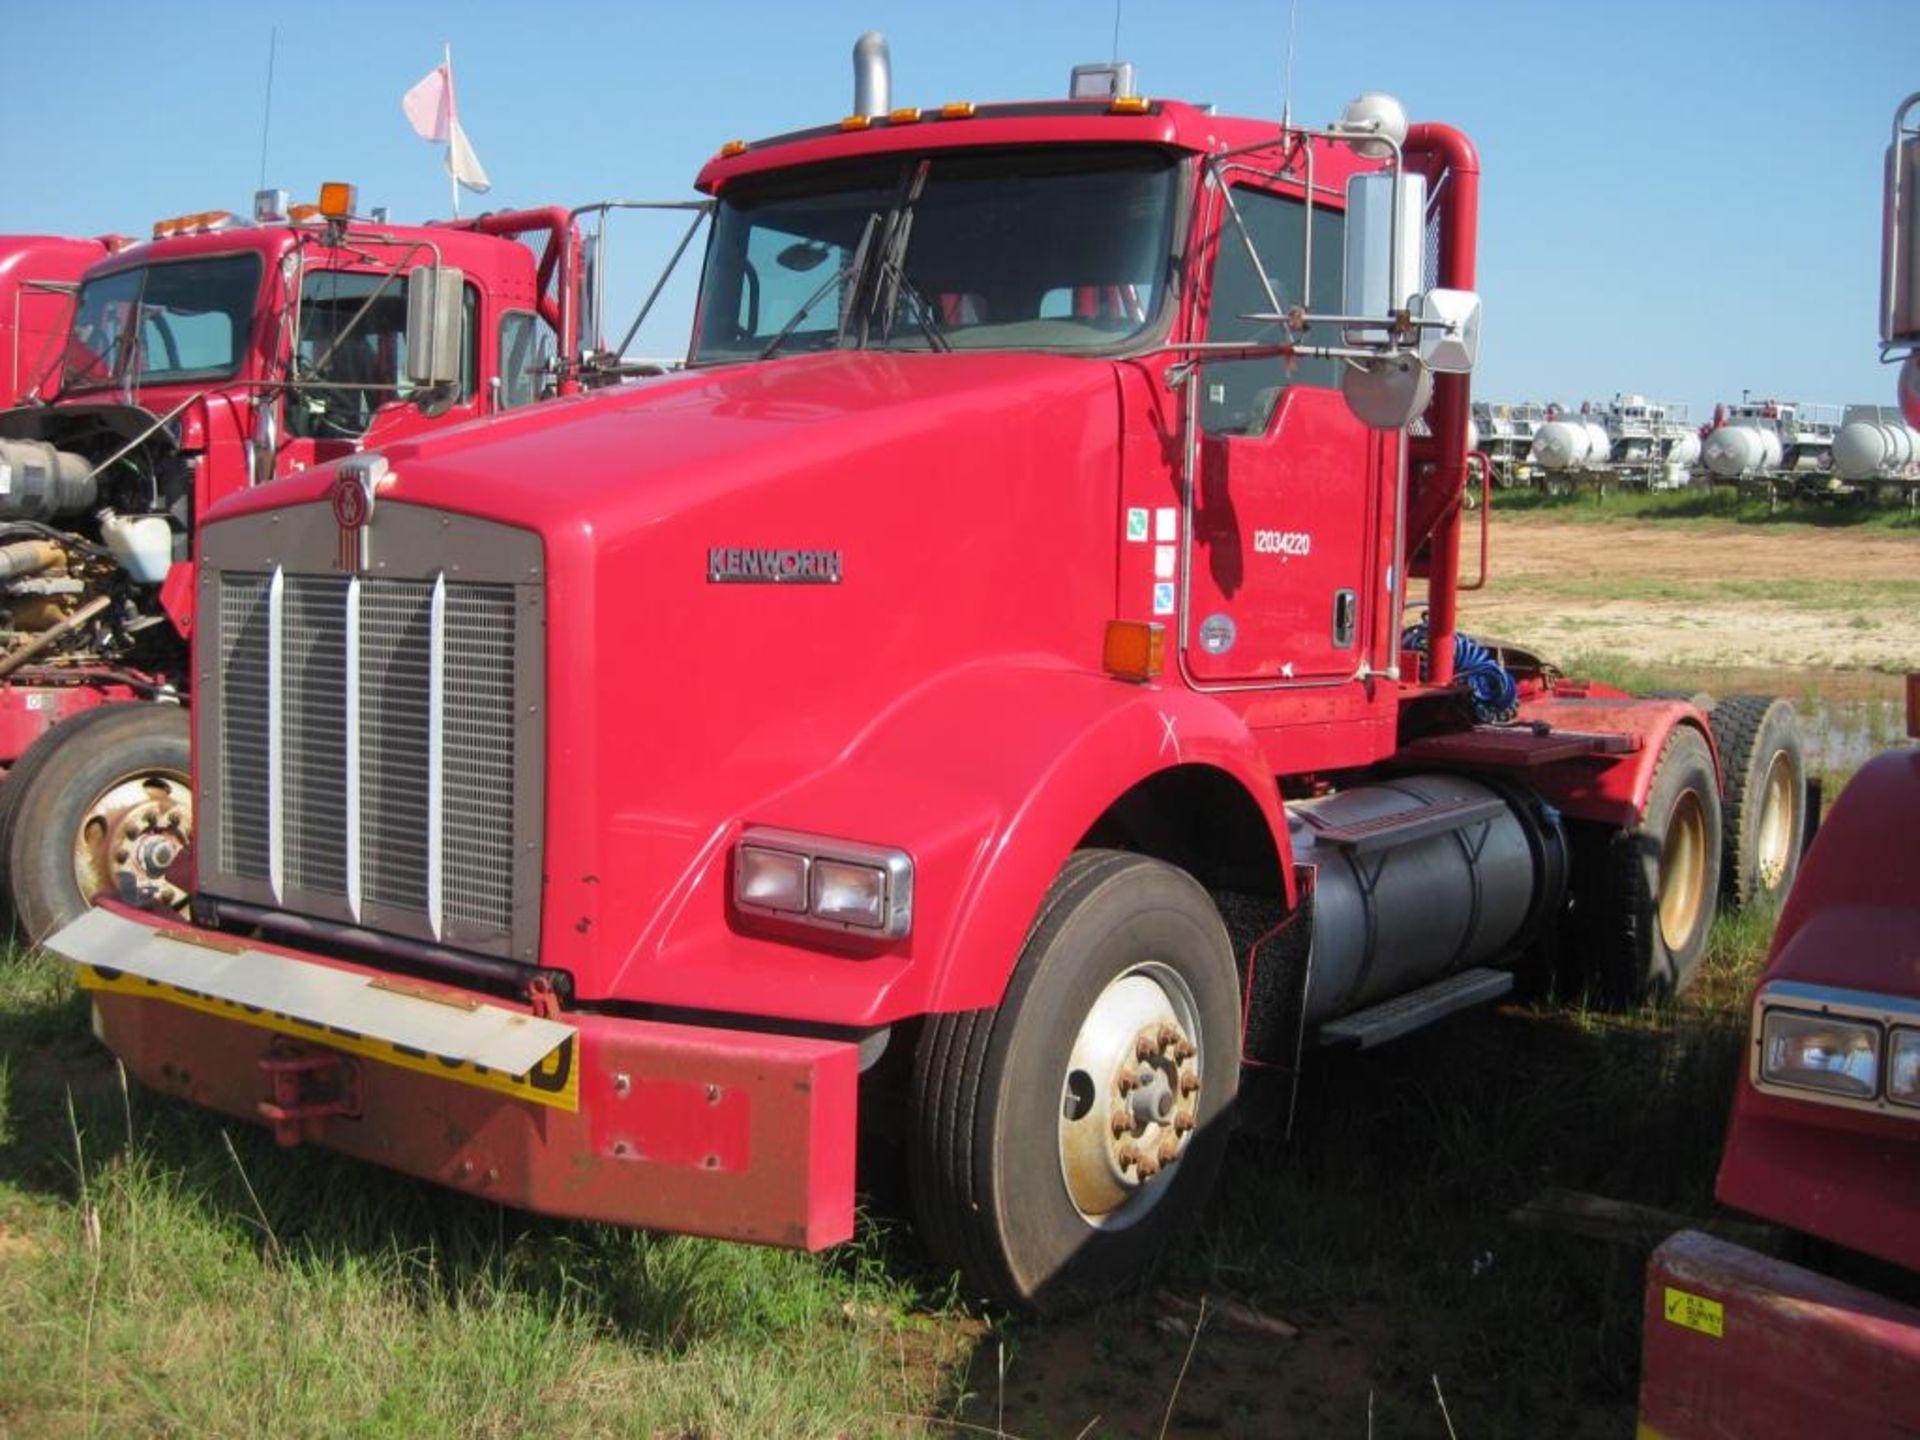 Kenworth Winch Truck